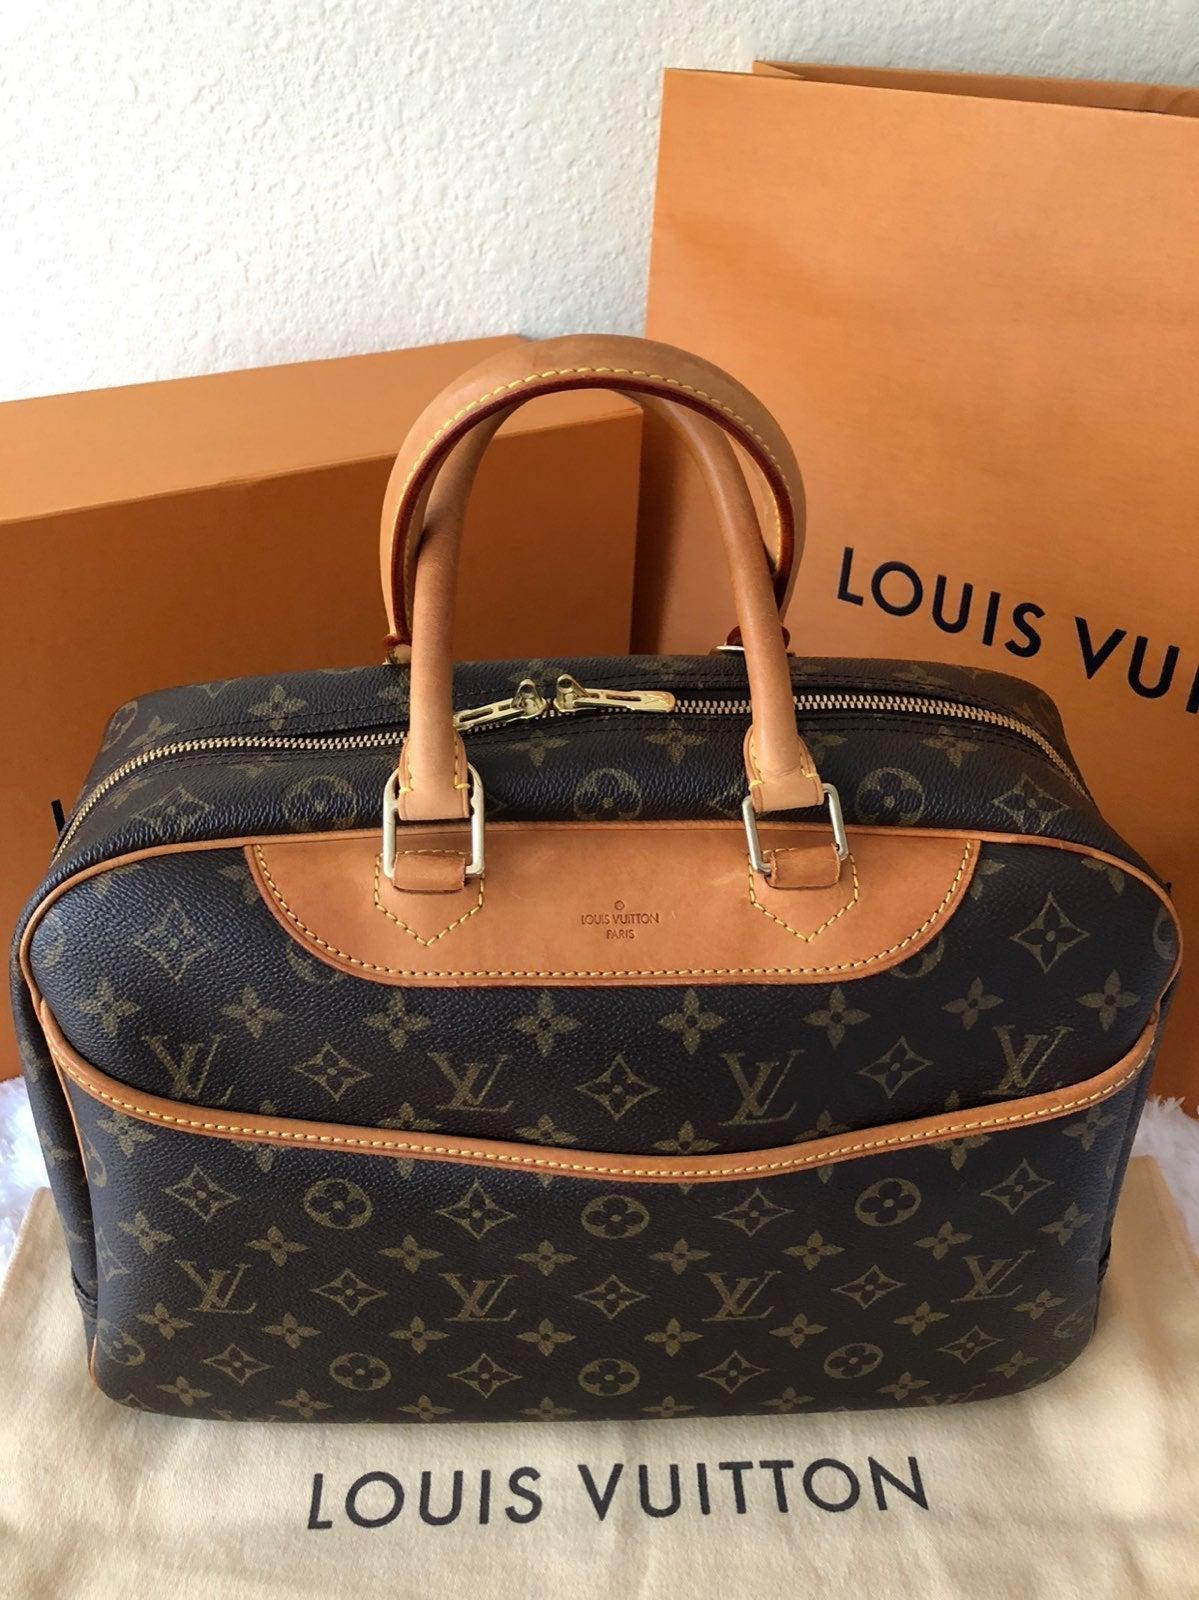 Louis Vuitton Deauville Mono Satchel Bag